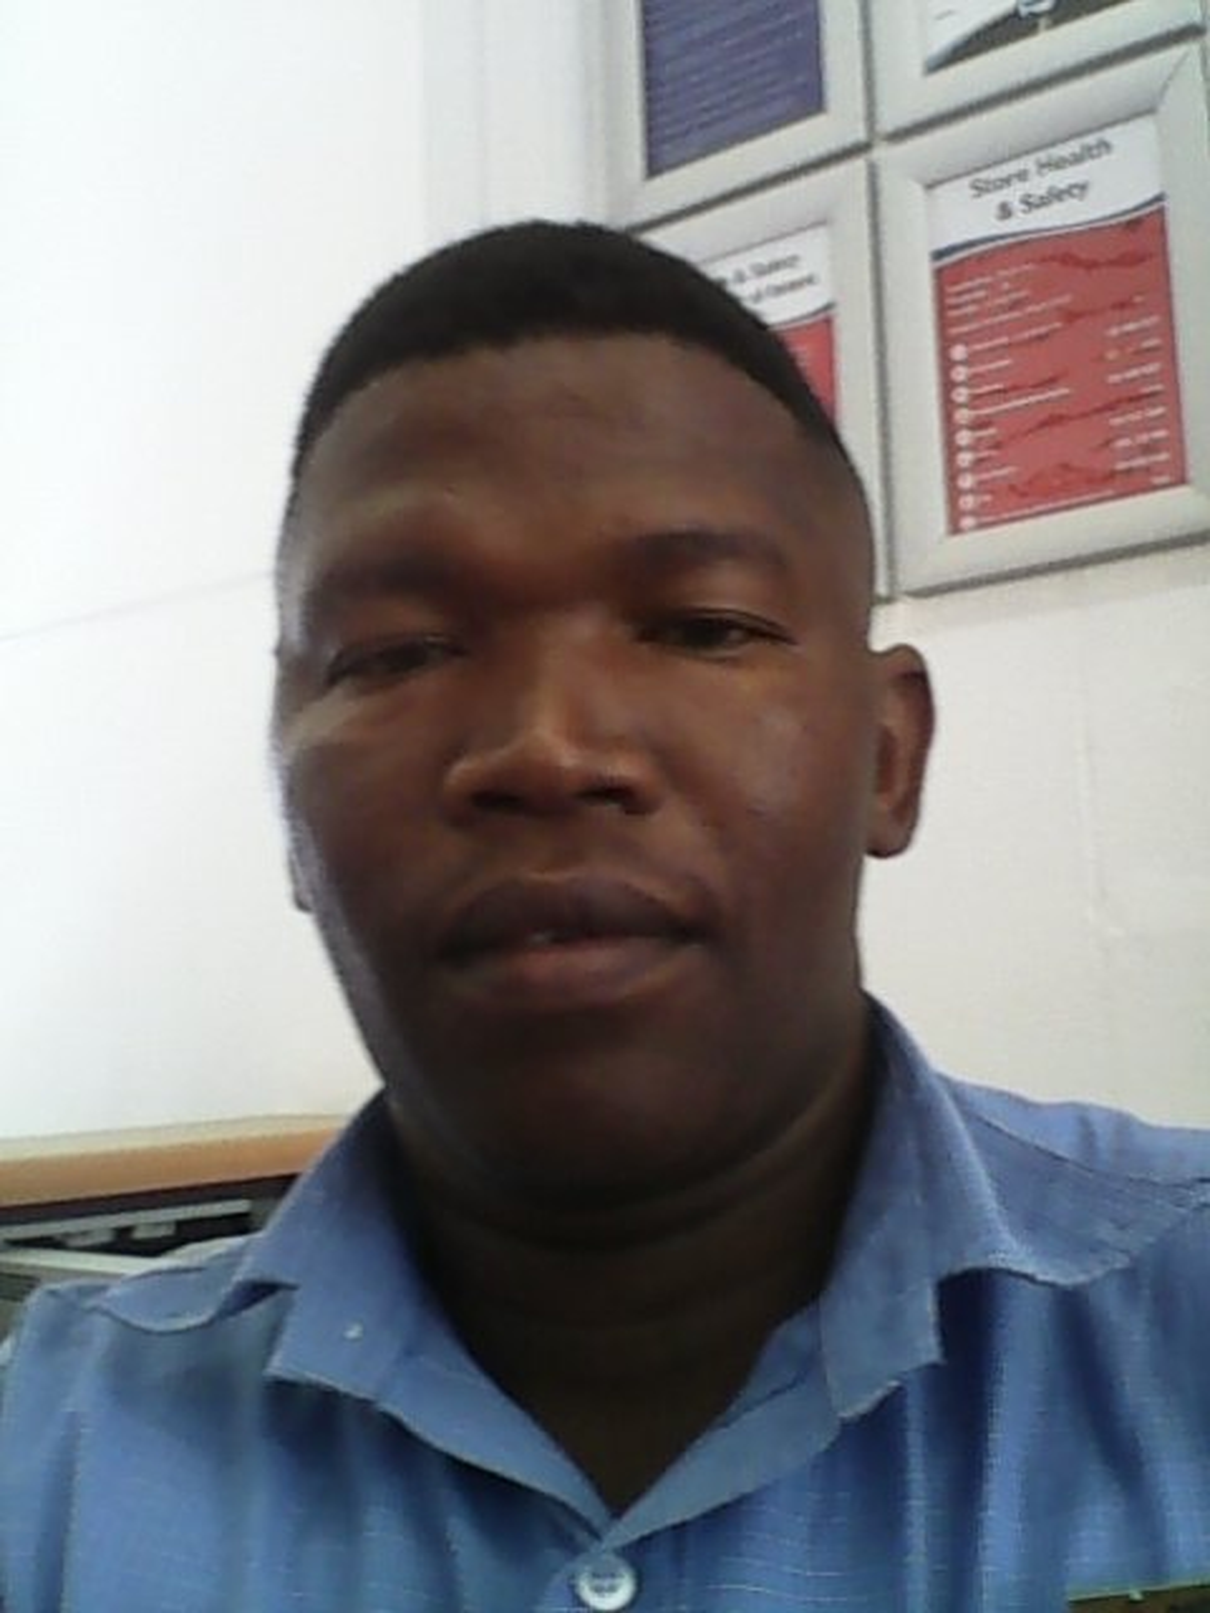 Complaint-review: Ntsekelang - Ametlife 0000522720 ref. Photo #1